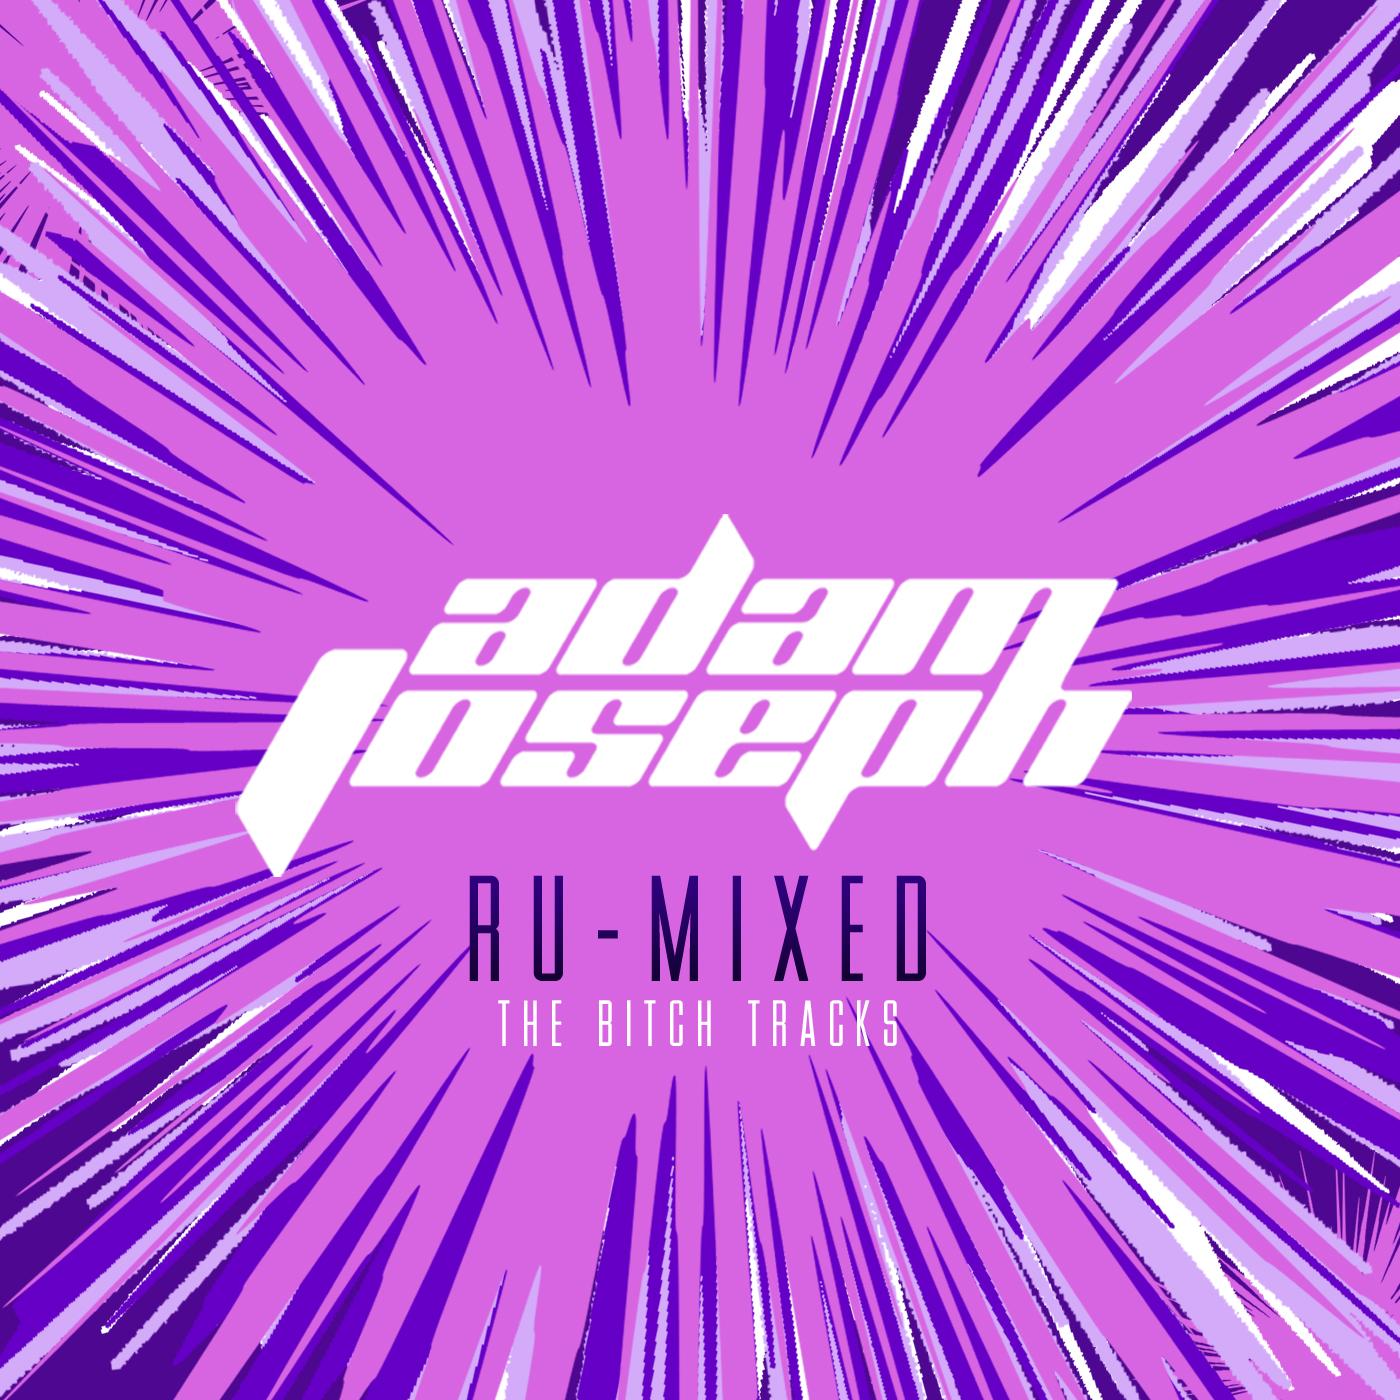 Adam Joseph - Ru-Mixed (The Bitch Tracks)